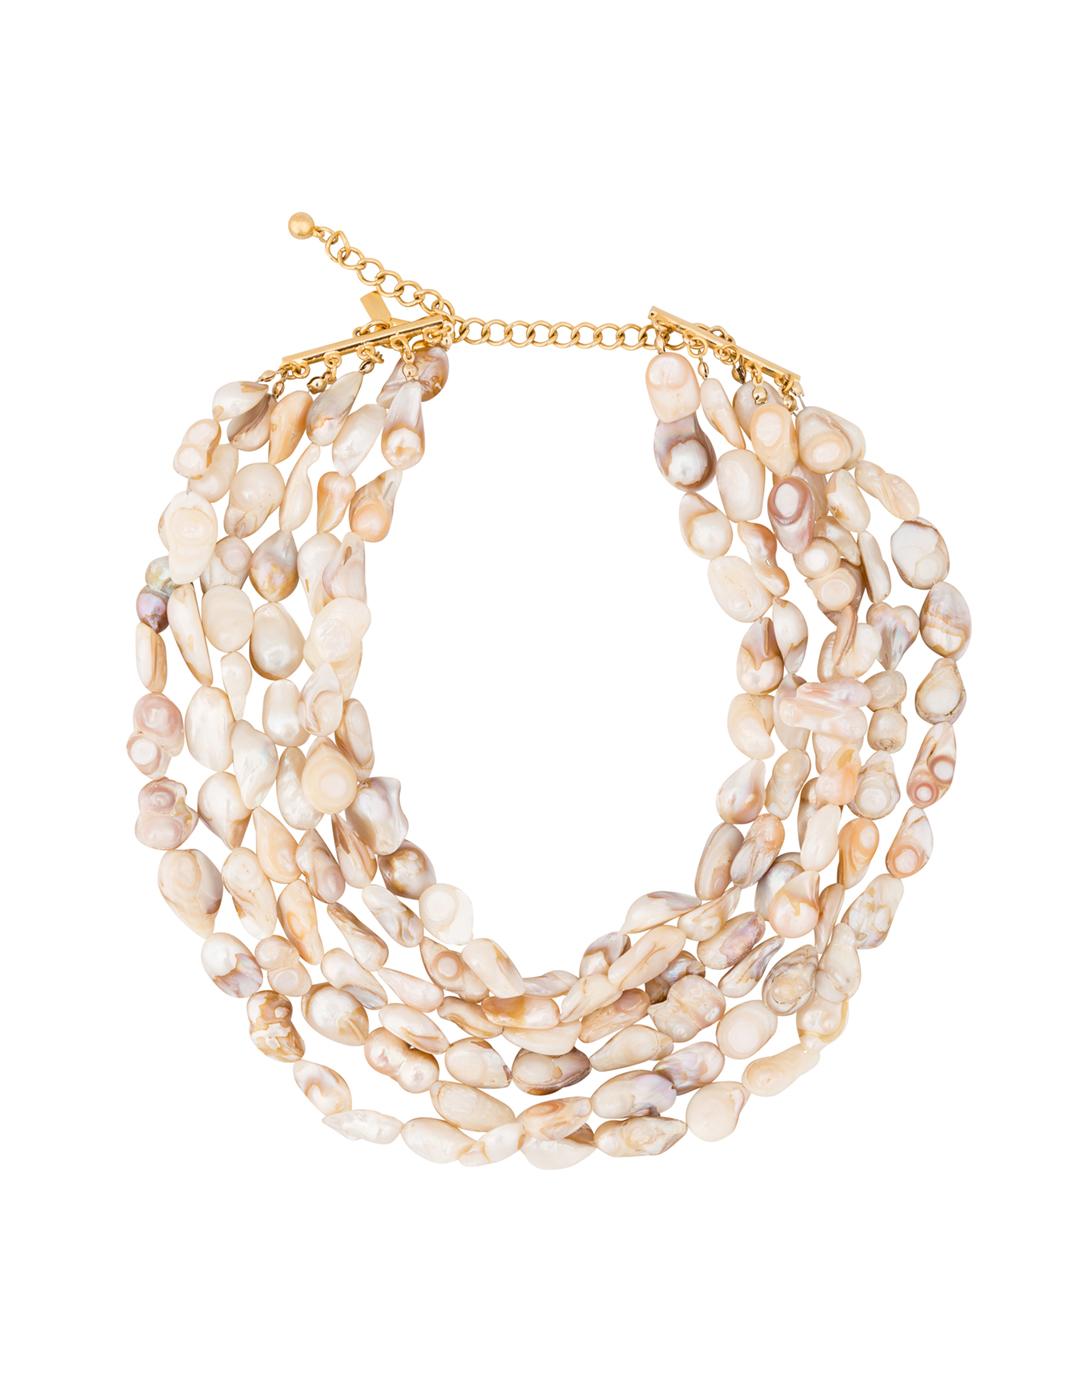 6debf56dead99 Freshwater Pearl Multi-Strand Necklace